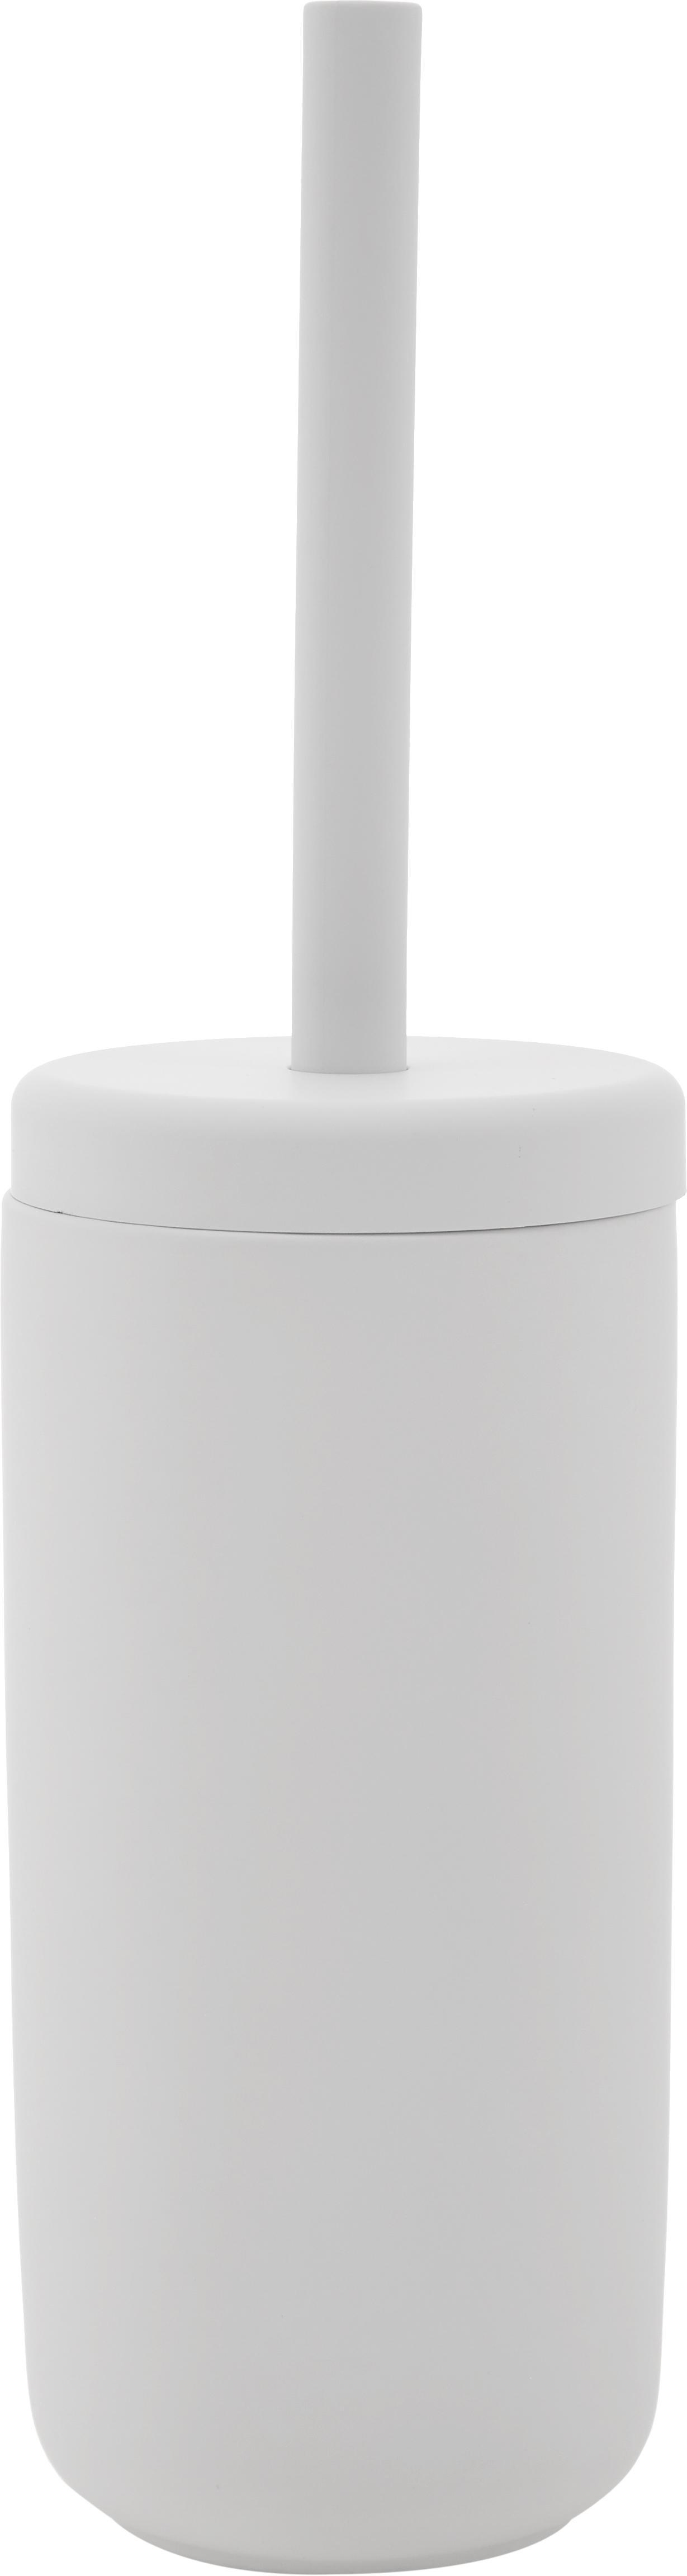 Escobilla de baño Ume, Recipiente: gres revestido con superf, Gris claro, Ø 10 x Al 39 cm